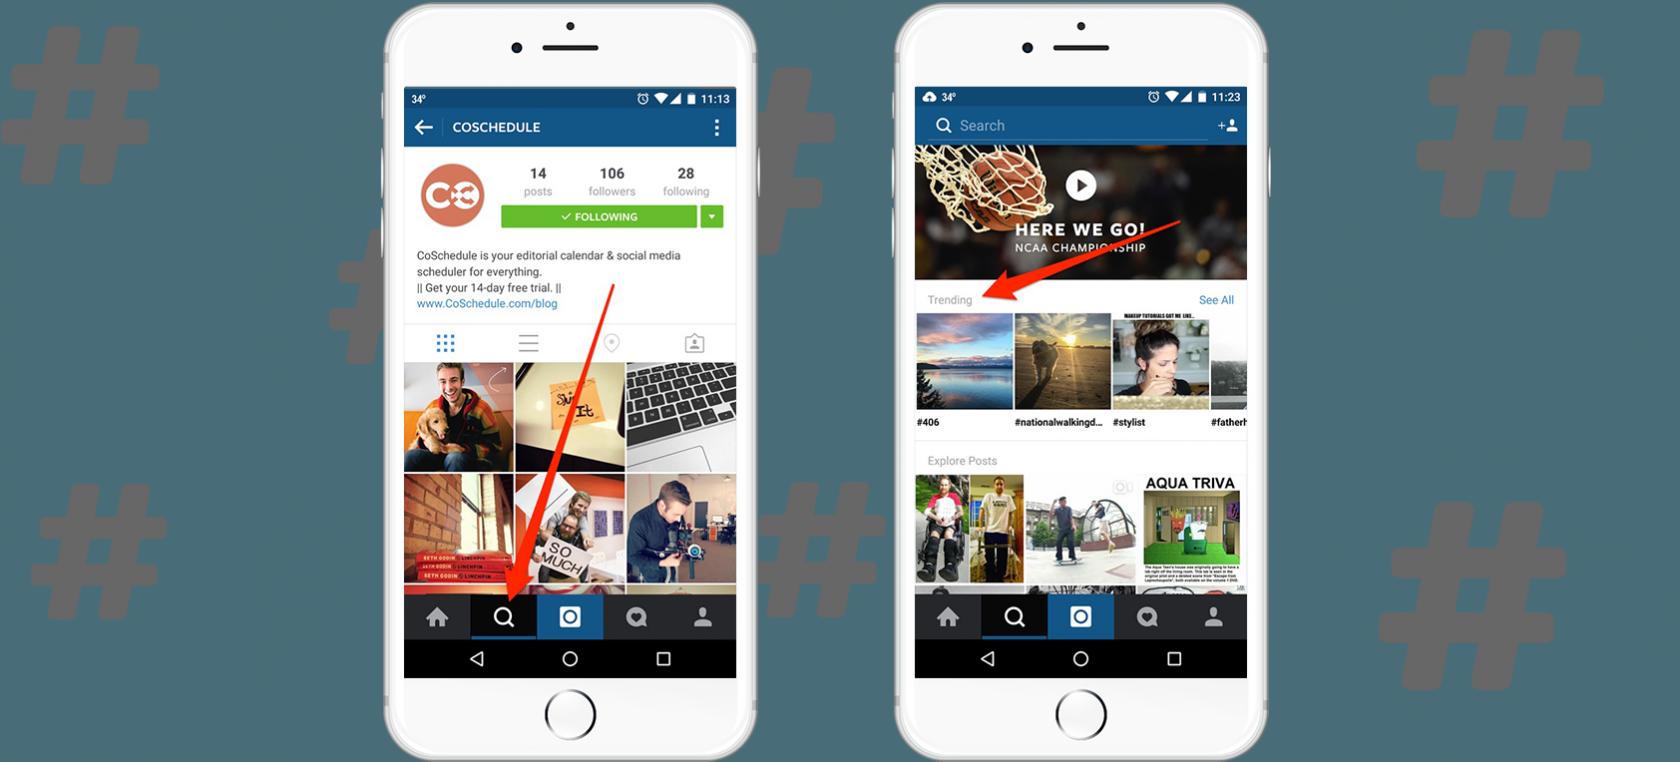 Как создать аккаунт Instagram? Справочный центр Instagram 9